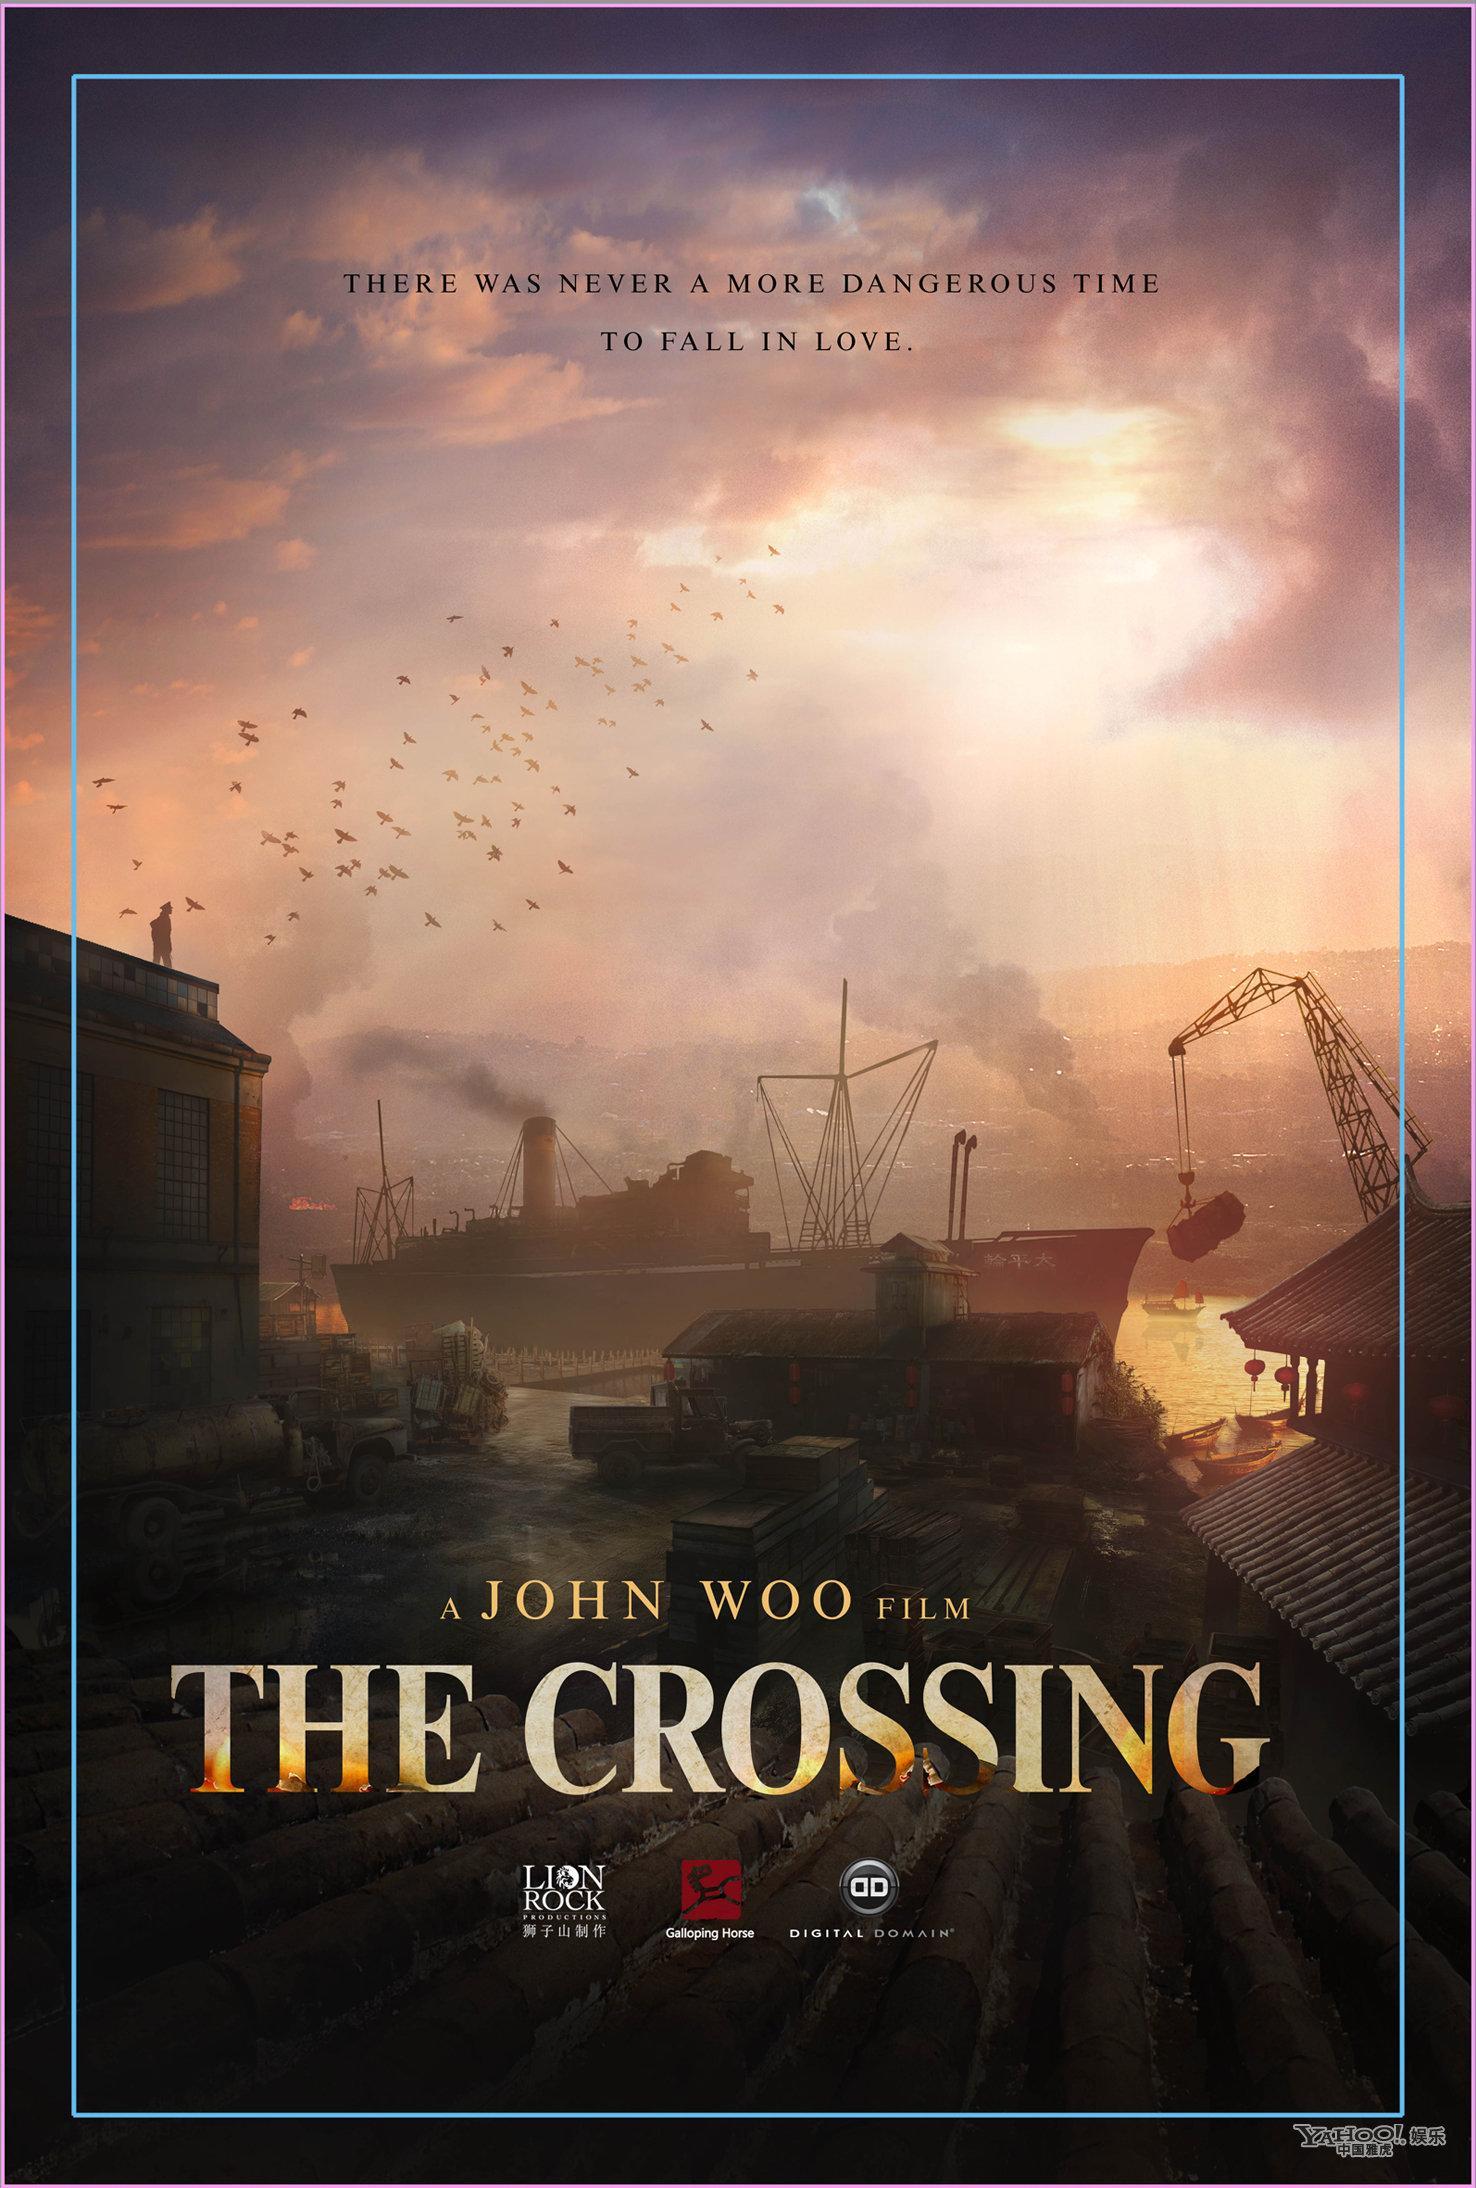 吴宇森新作《THE CROSSING》戛纳启动 首发概念海报